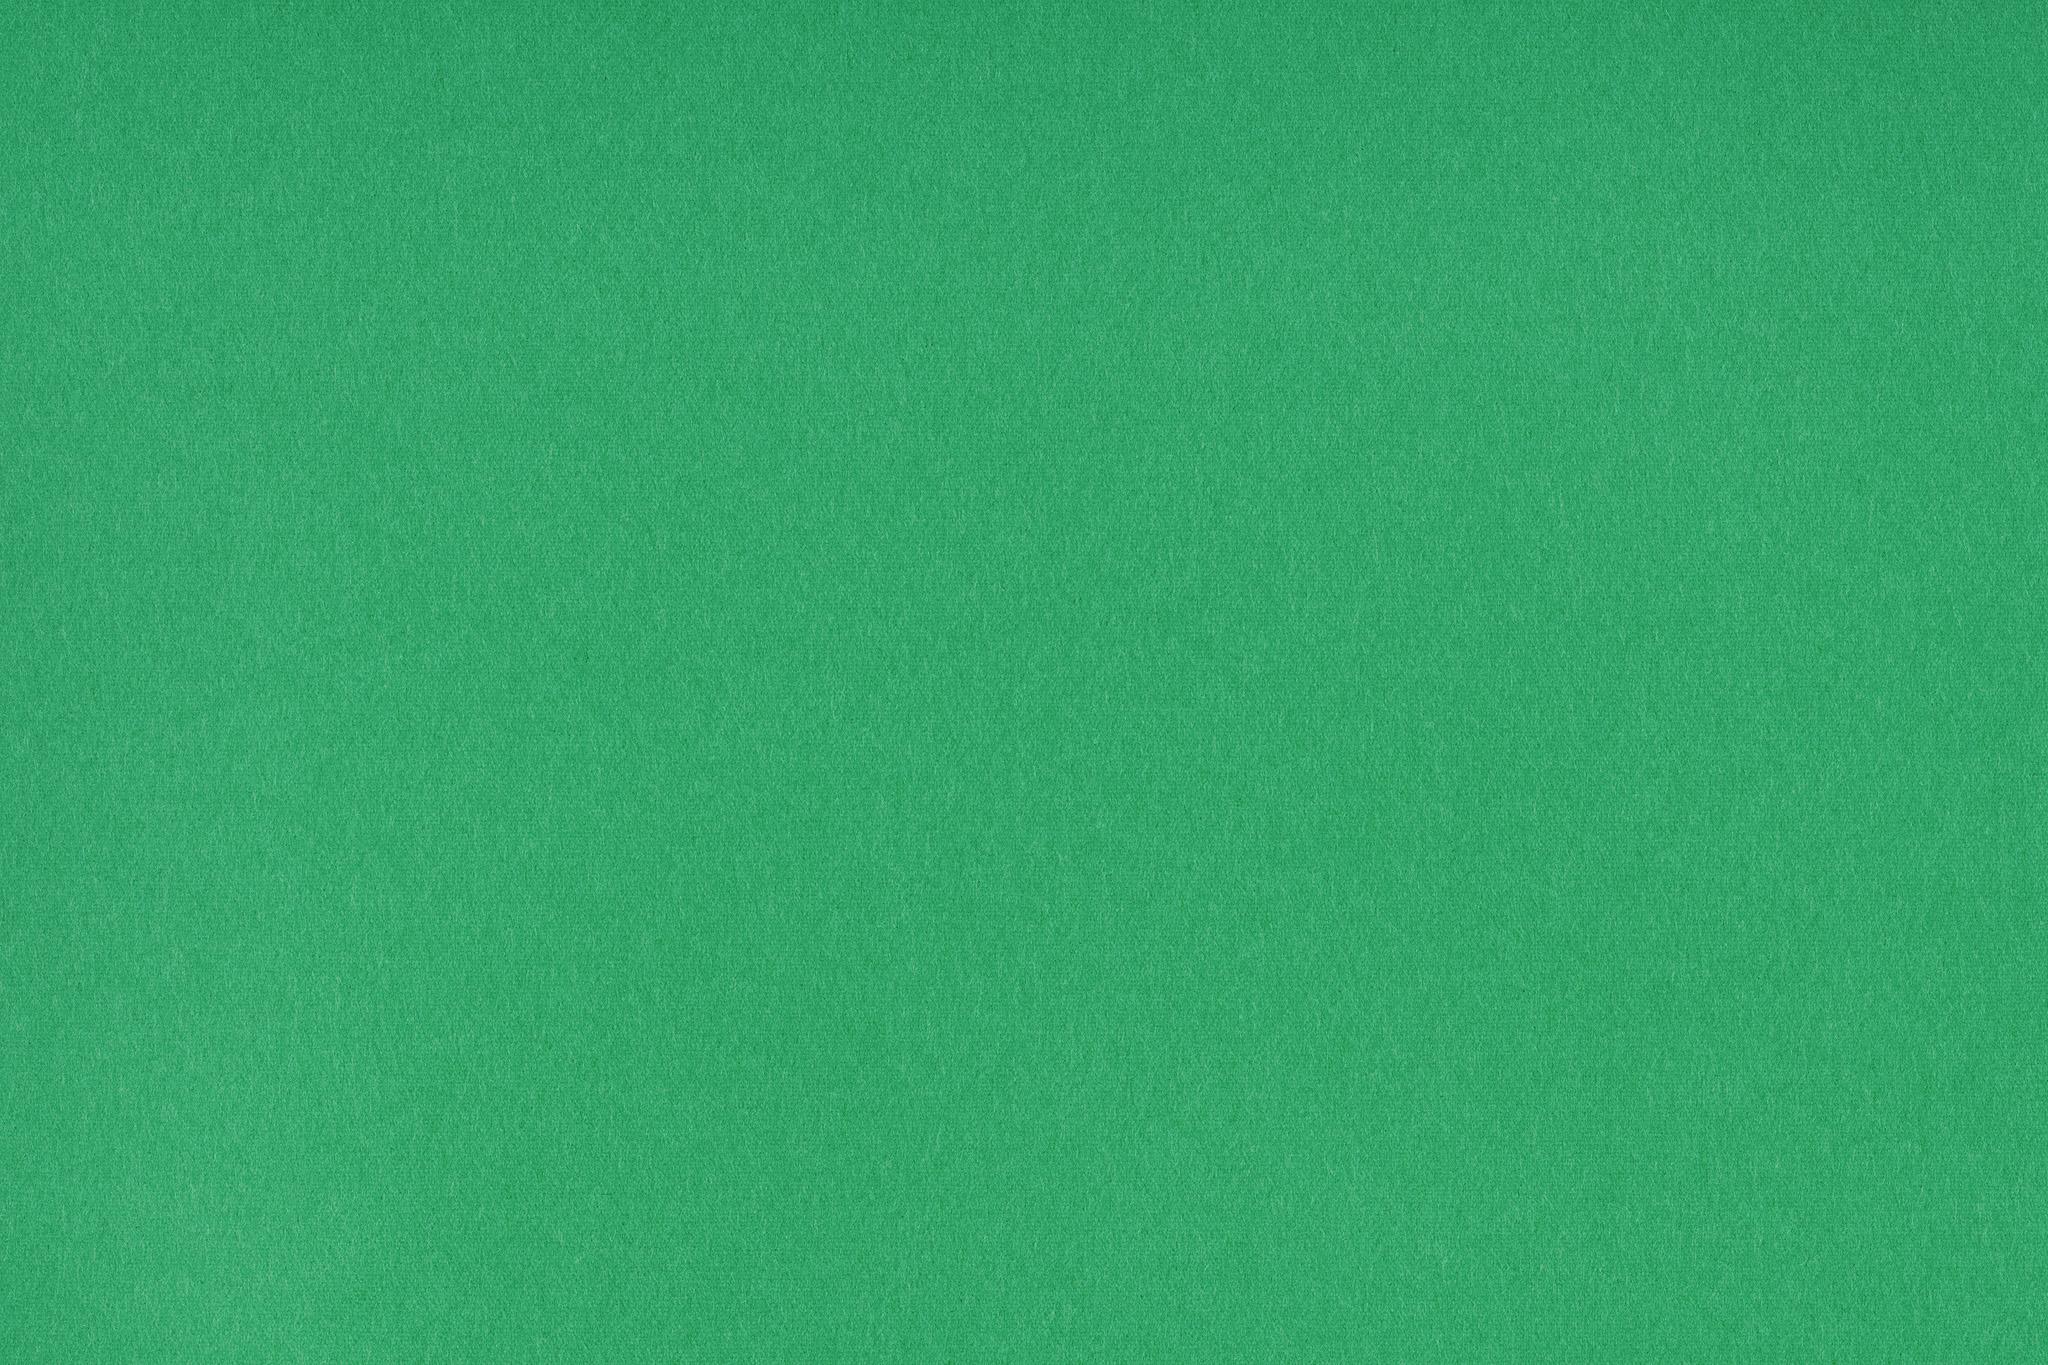 「緑色の折紙のテクスチャ」